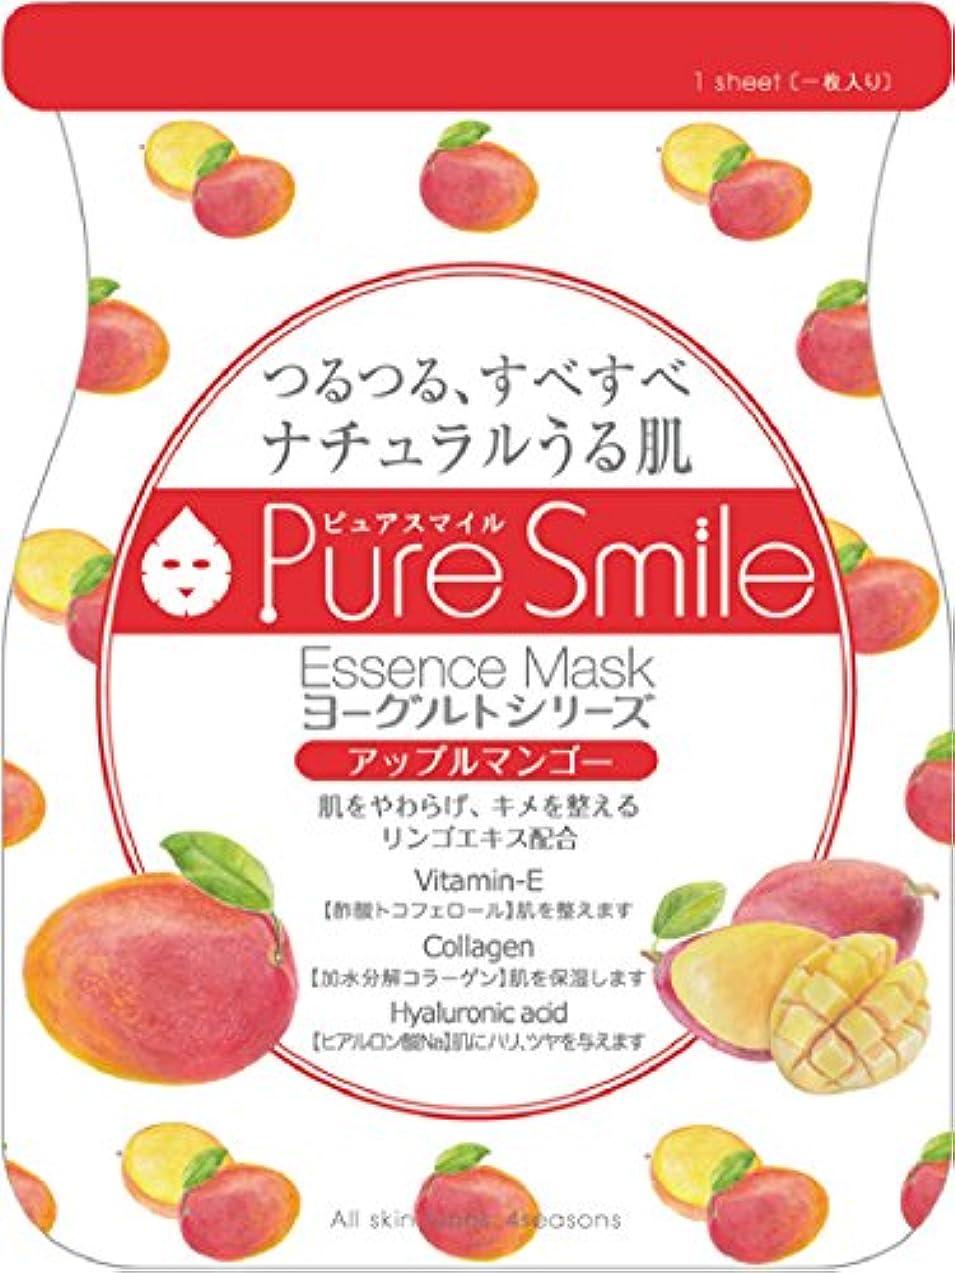 脱獄ストロークショットPure Smile エッセンスマスク ヨーグルト アップルマンゴー 23ml?30枚